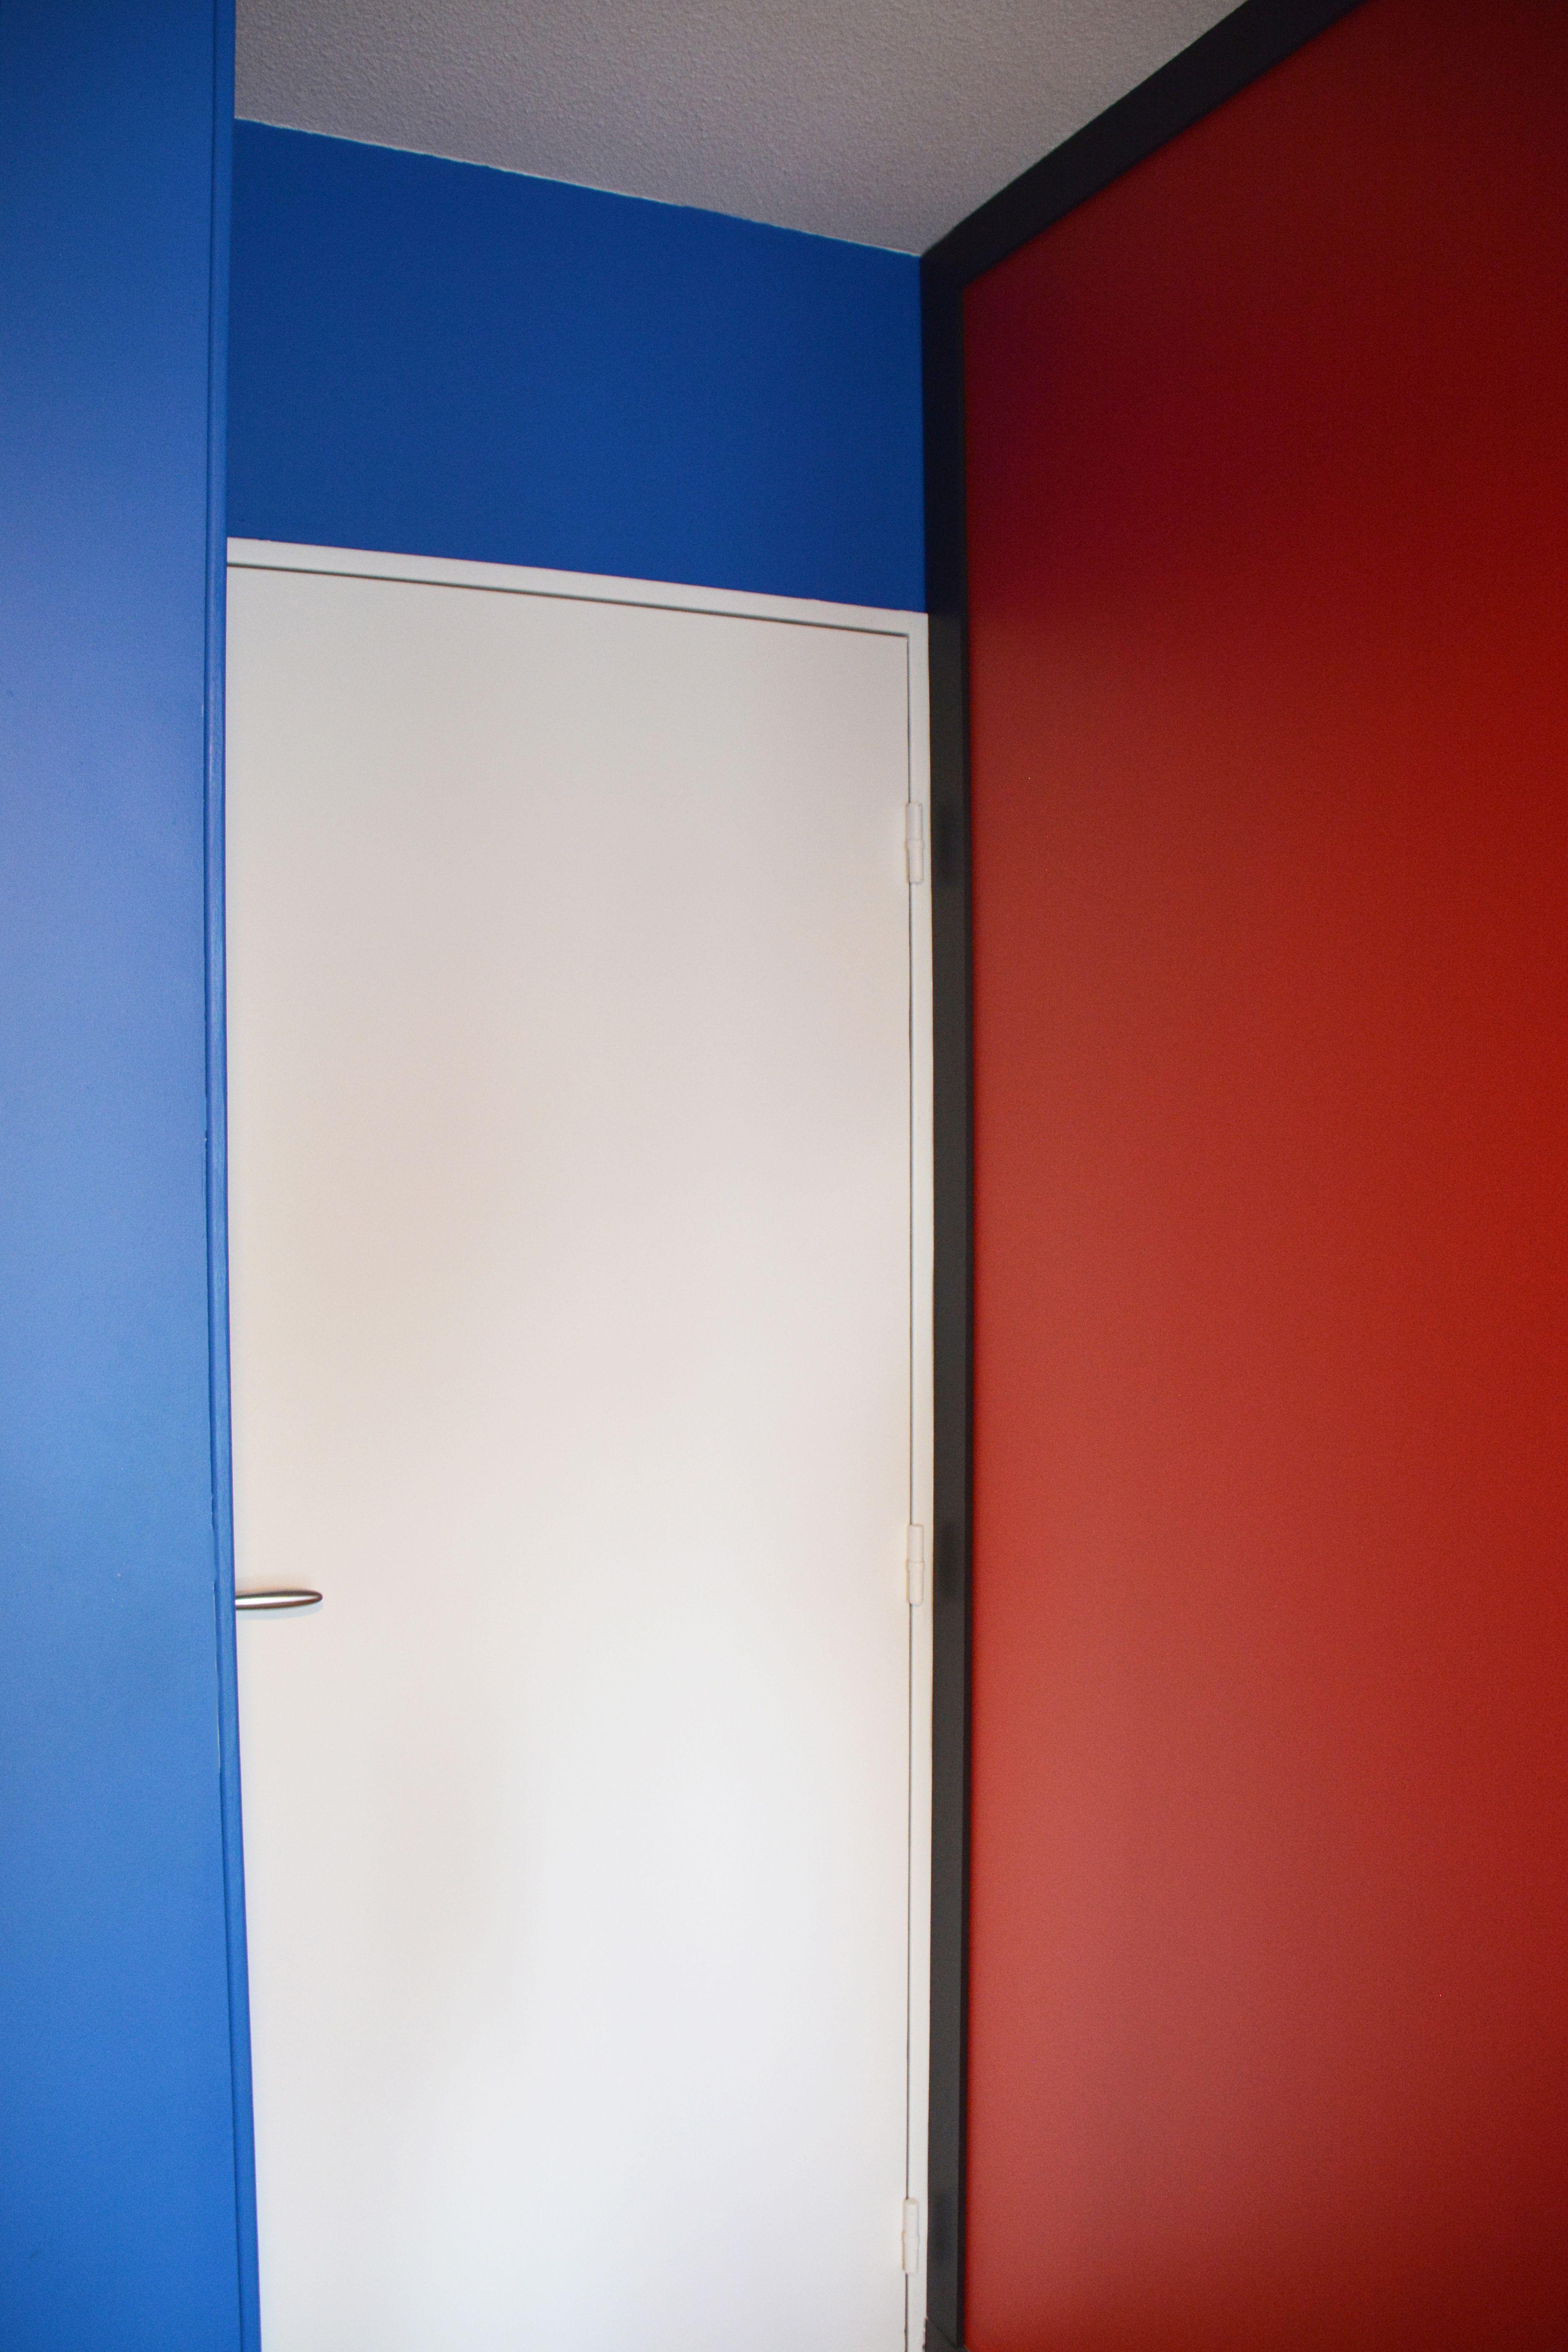 Jeu De Peinture Bleu Rouge Noir Et Blanc Pour Une Chambre Décorée Sur Le  Thème De